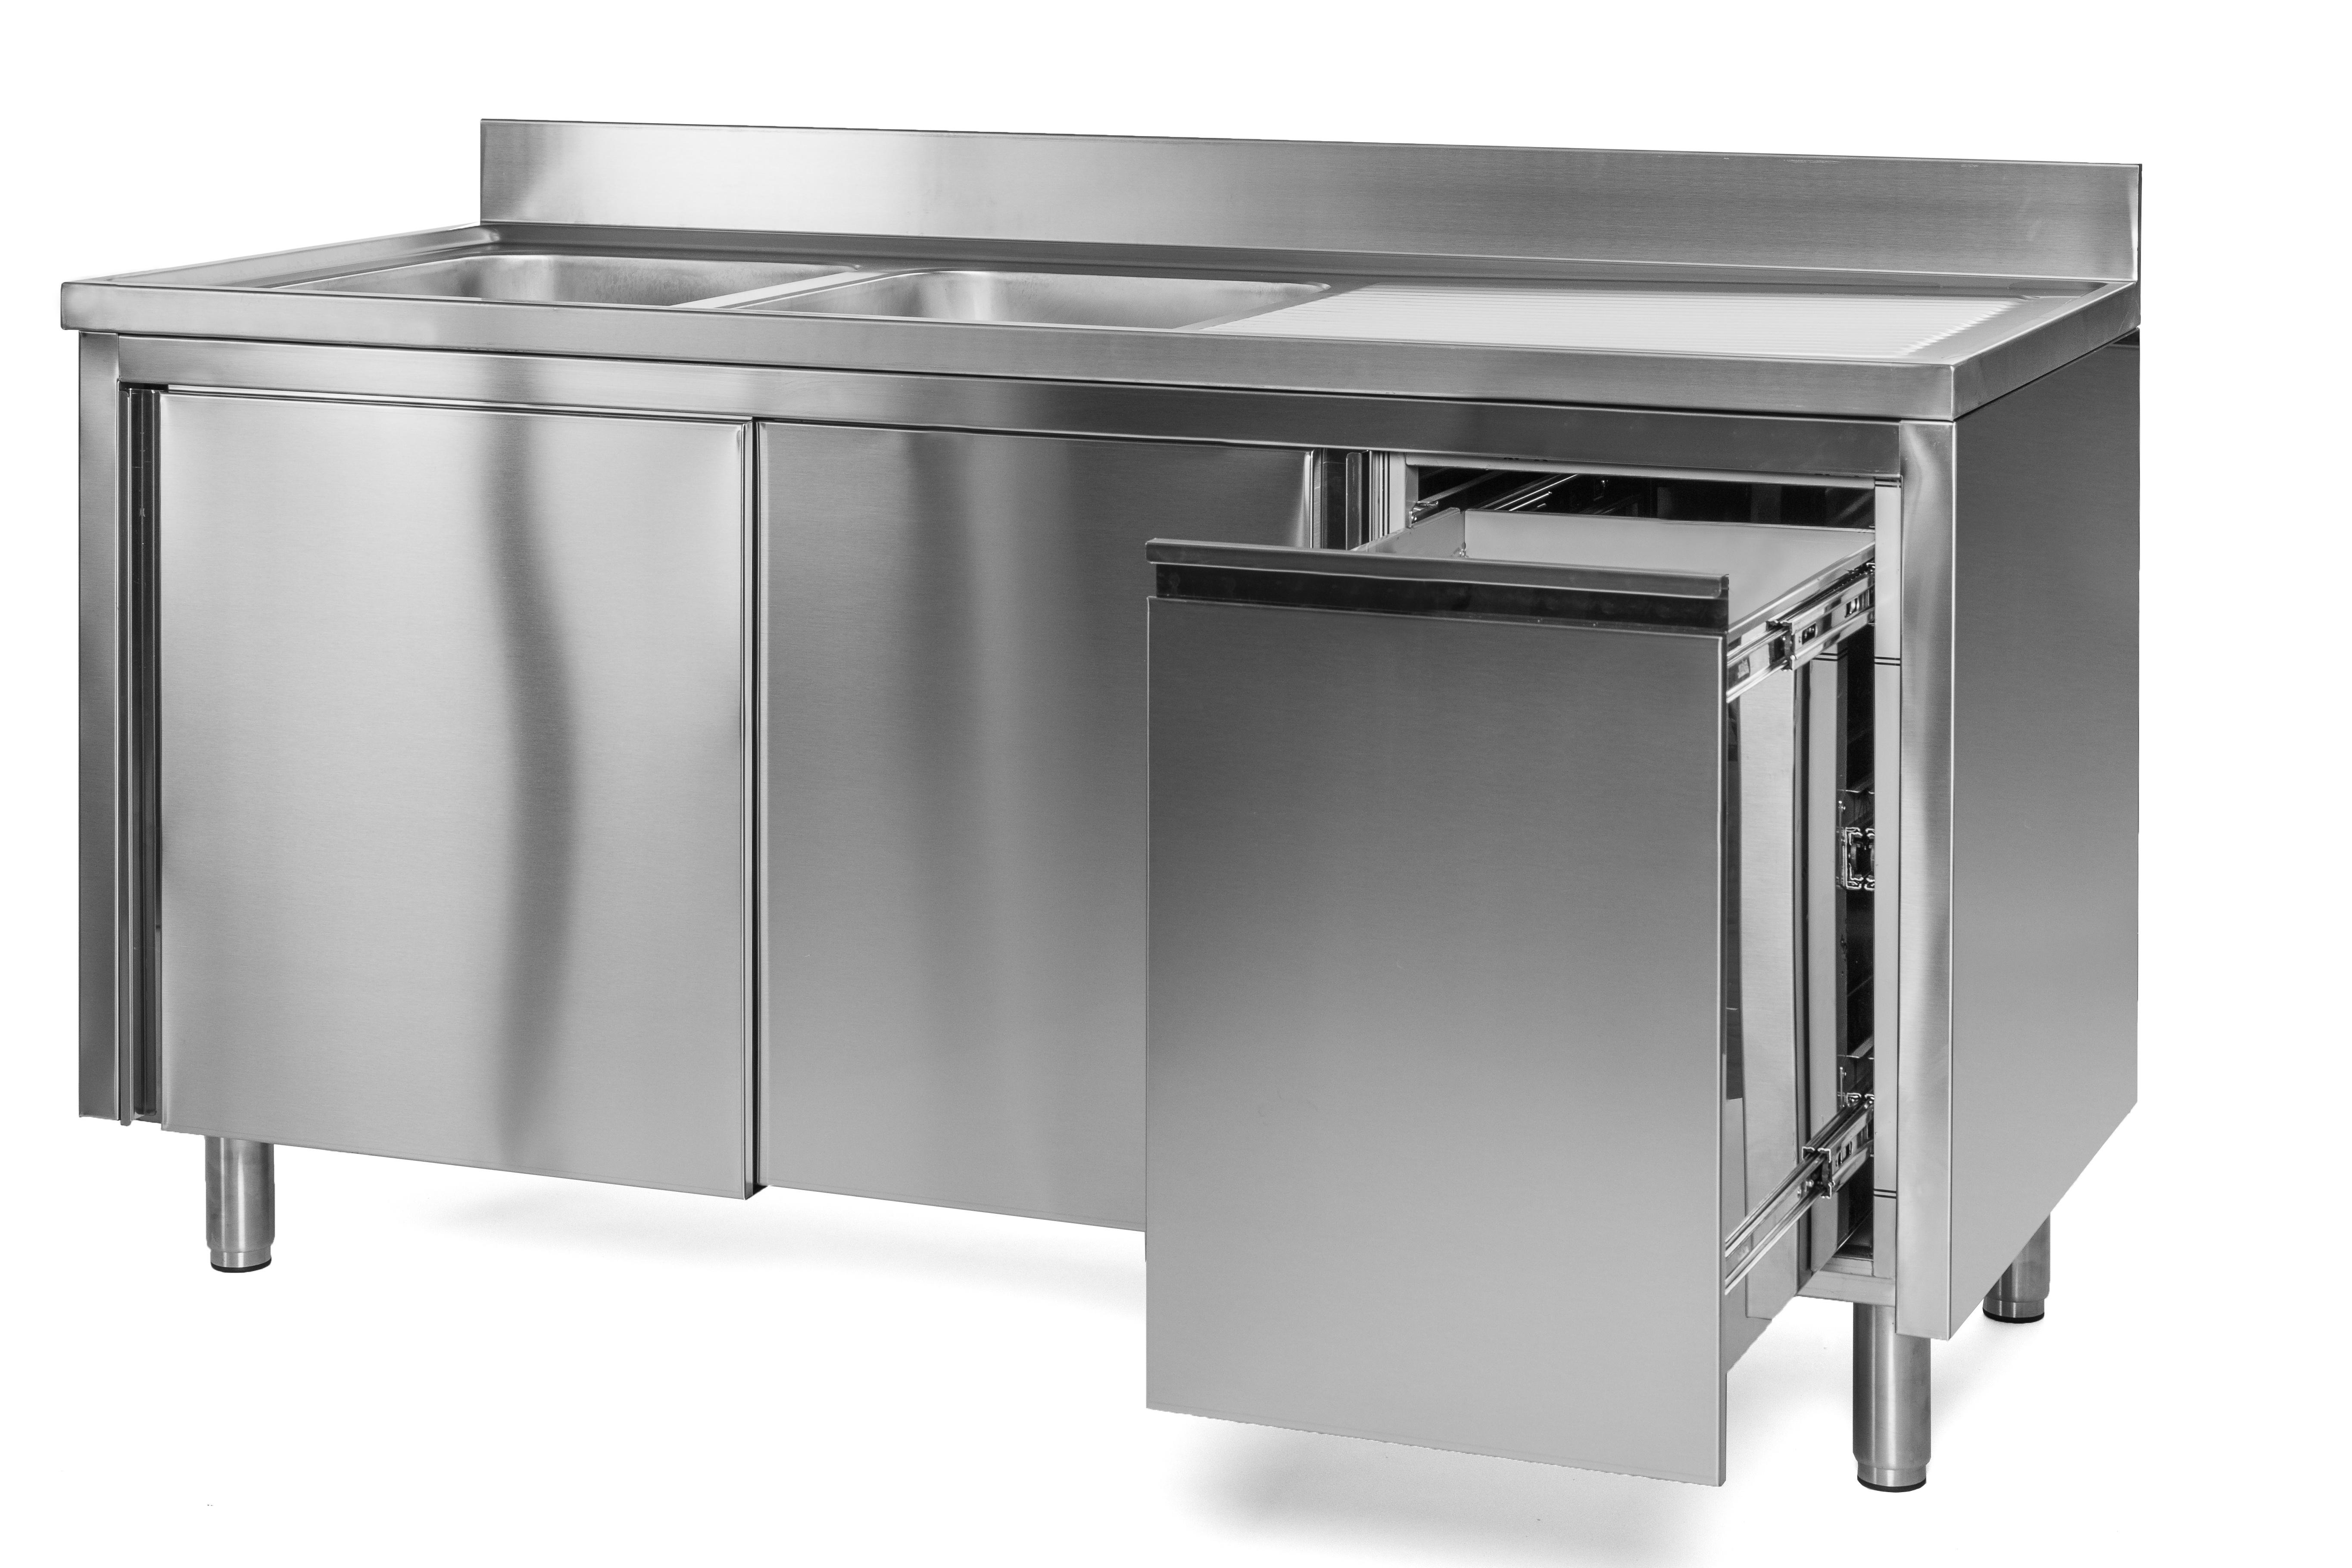 Unterkategorie - Spülschrank 2 Becken mit Abfallbehälter - 0,7 m